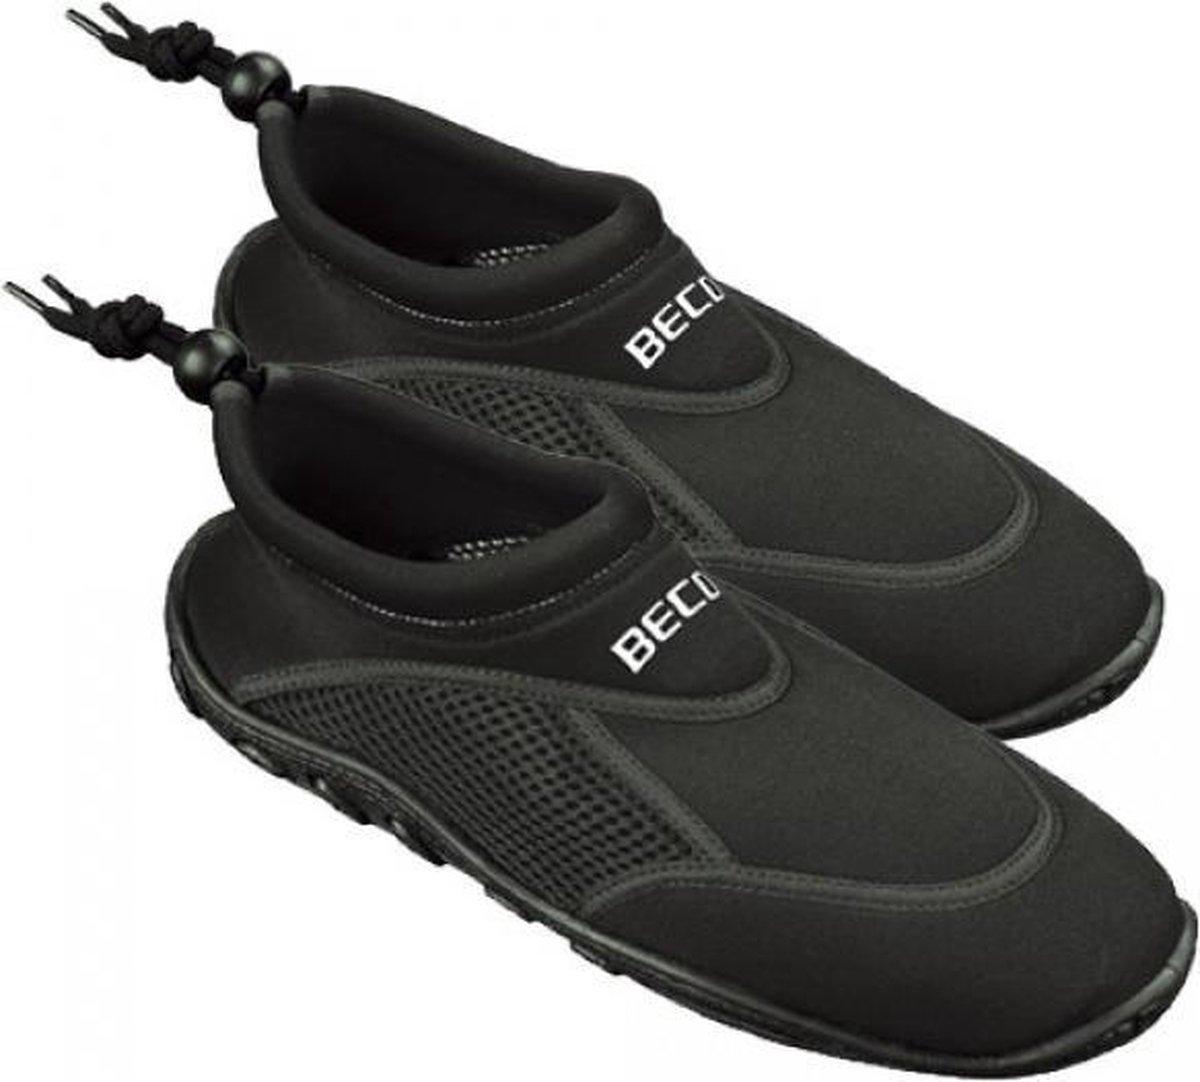 Beco - Waterschoenen - Volwassenen - Zwart - Maat 39